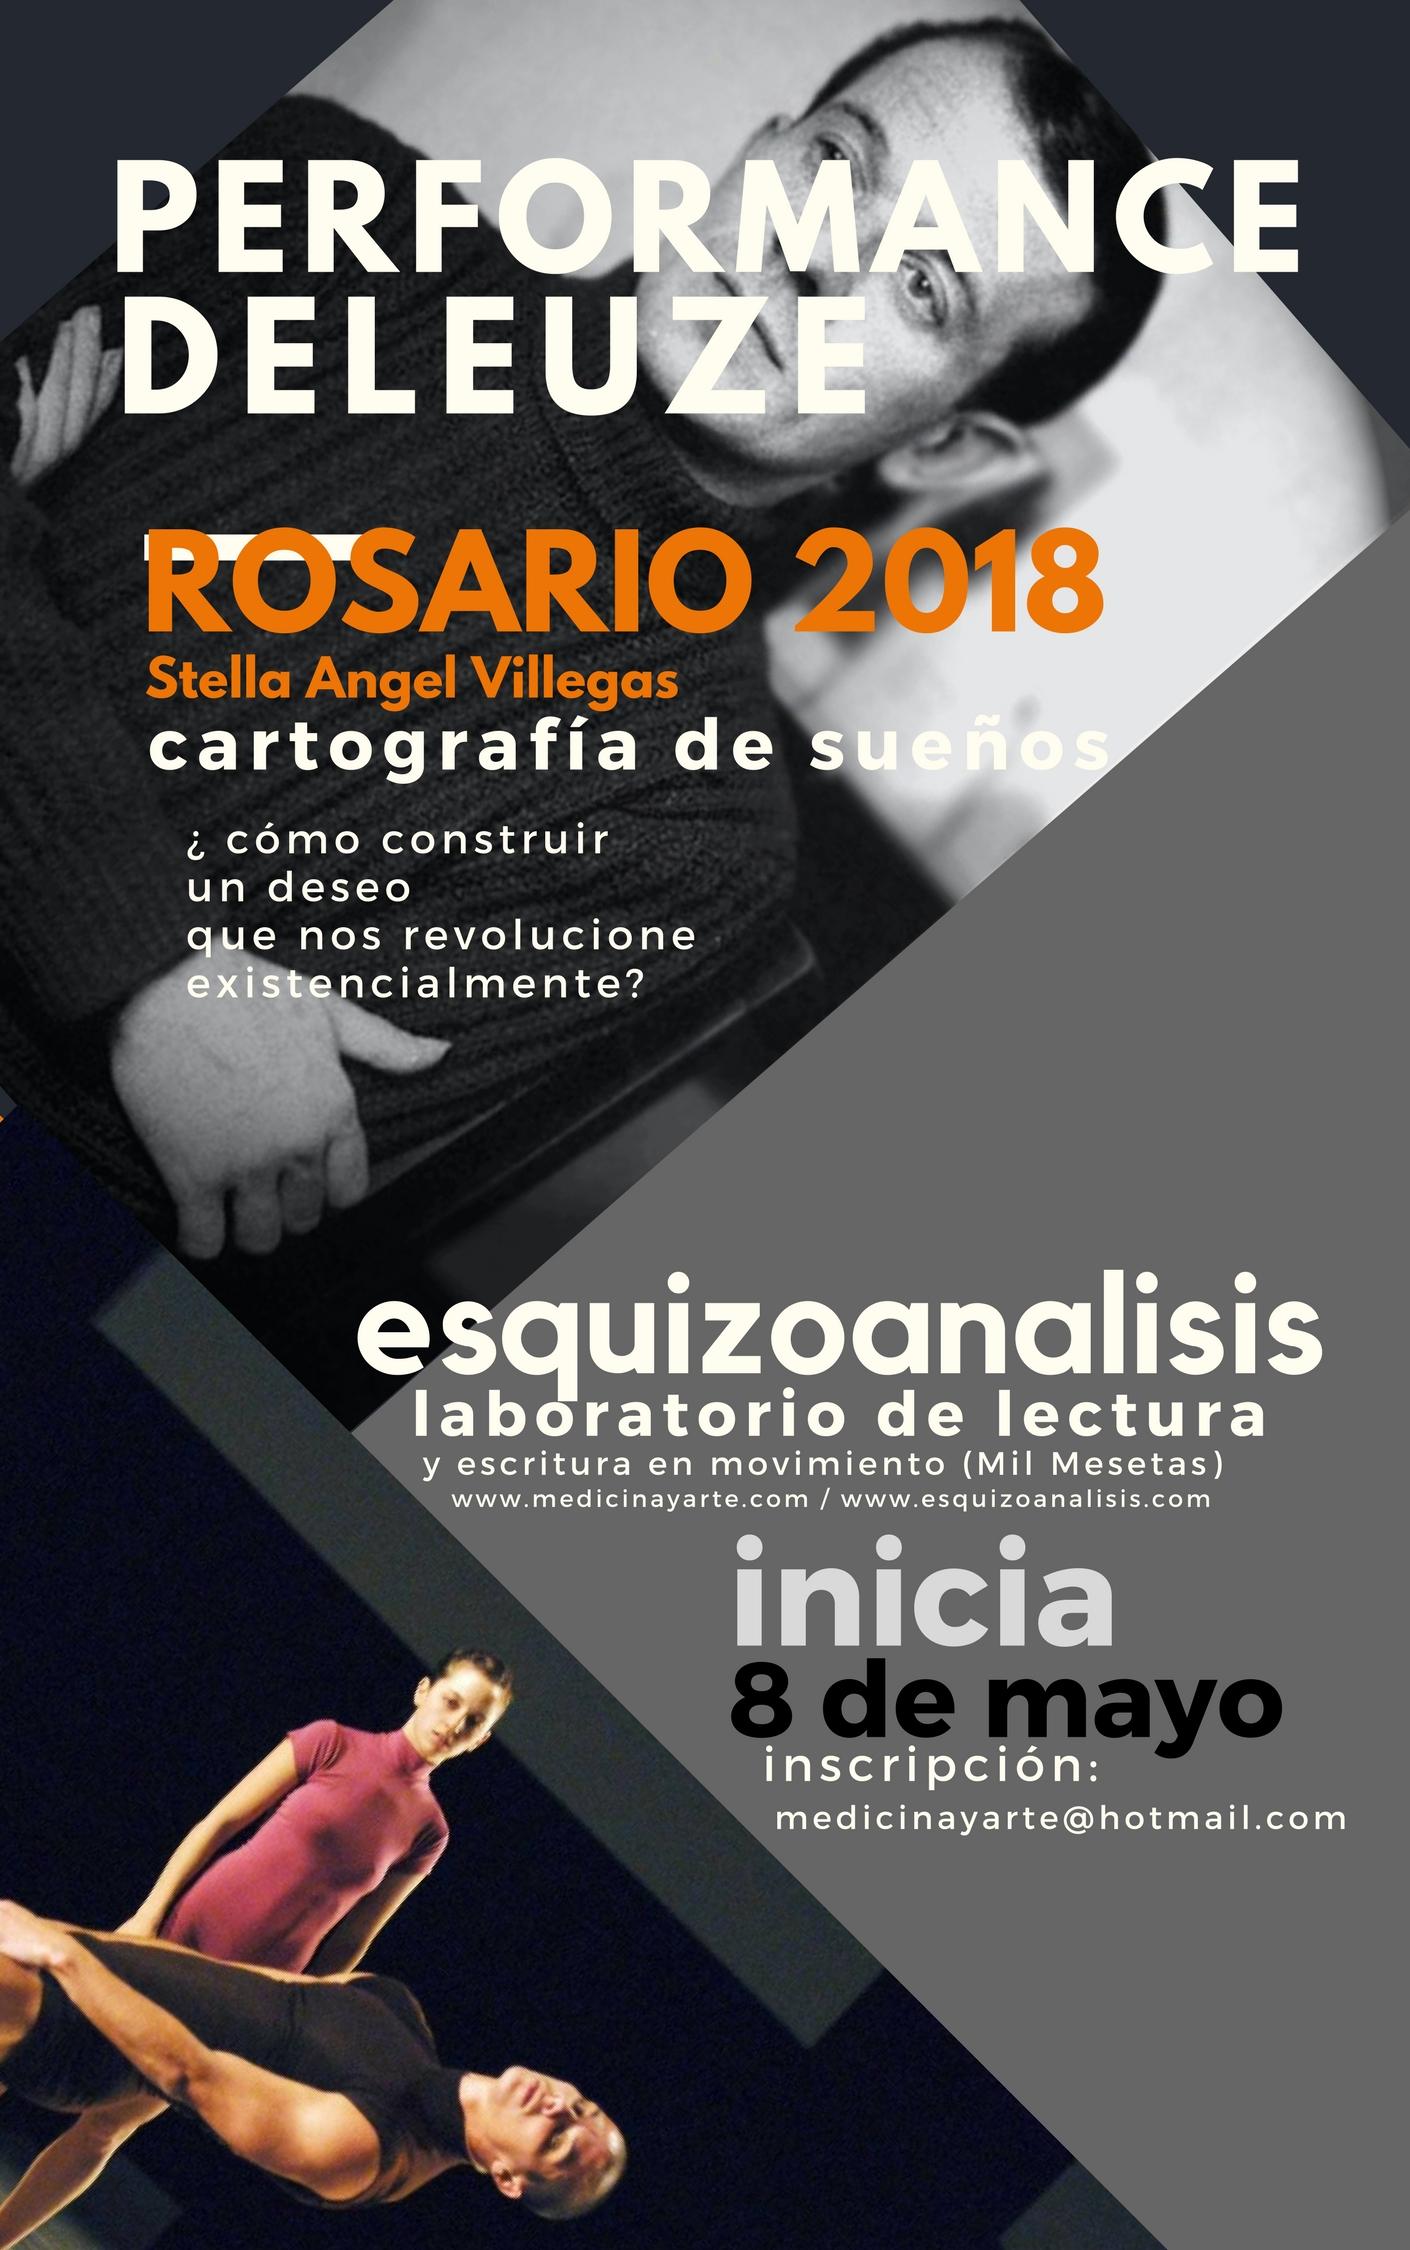 http://medicinayarte.com/img/PERFORMANCE-DELEUZE-ROSARIO-2018rosario_mayo.jpg